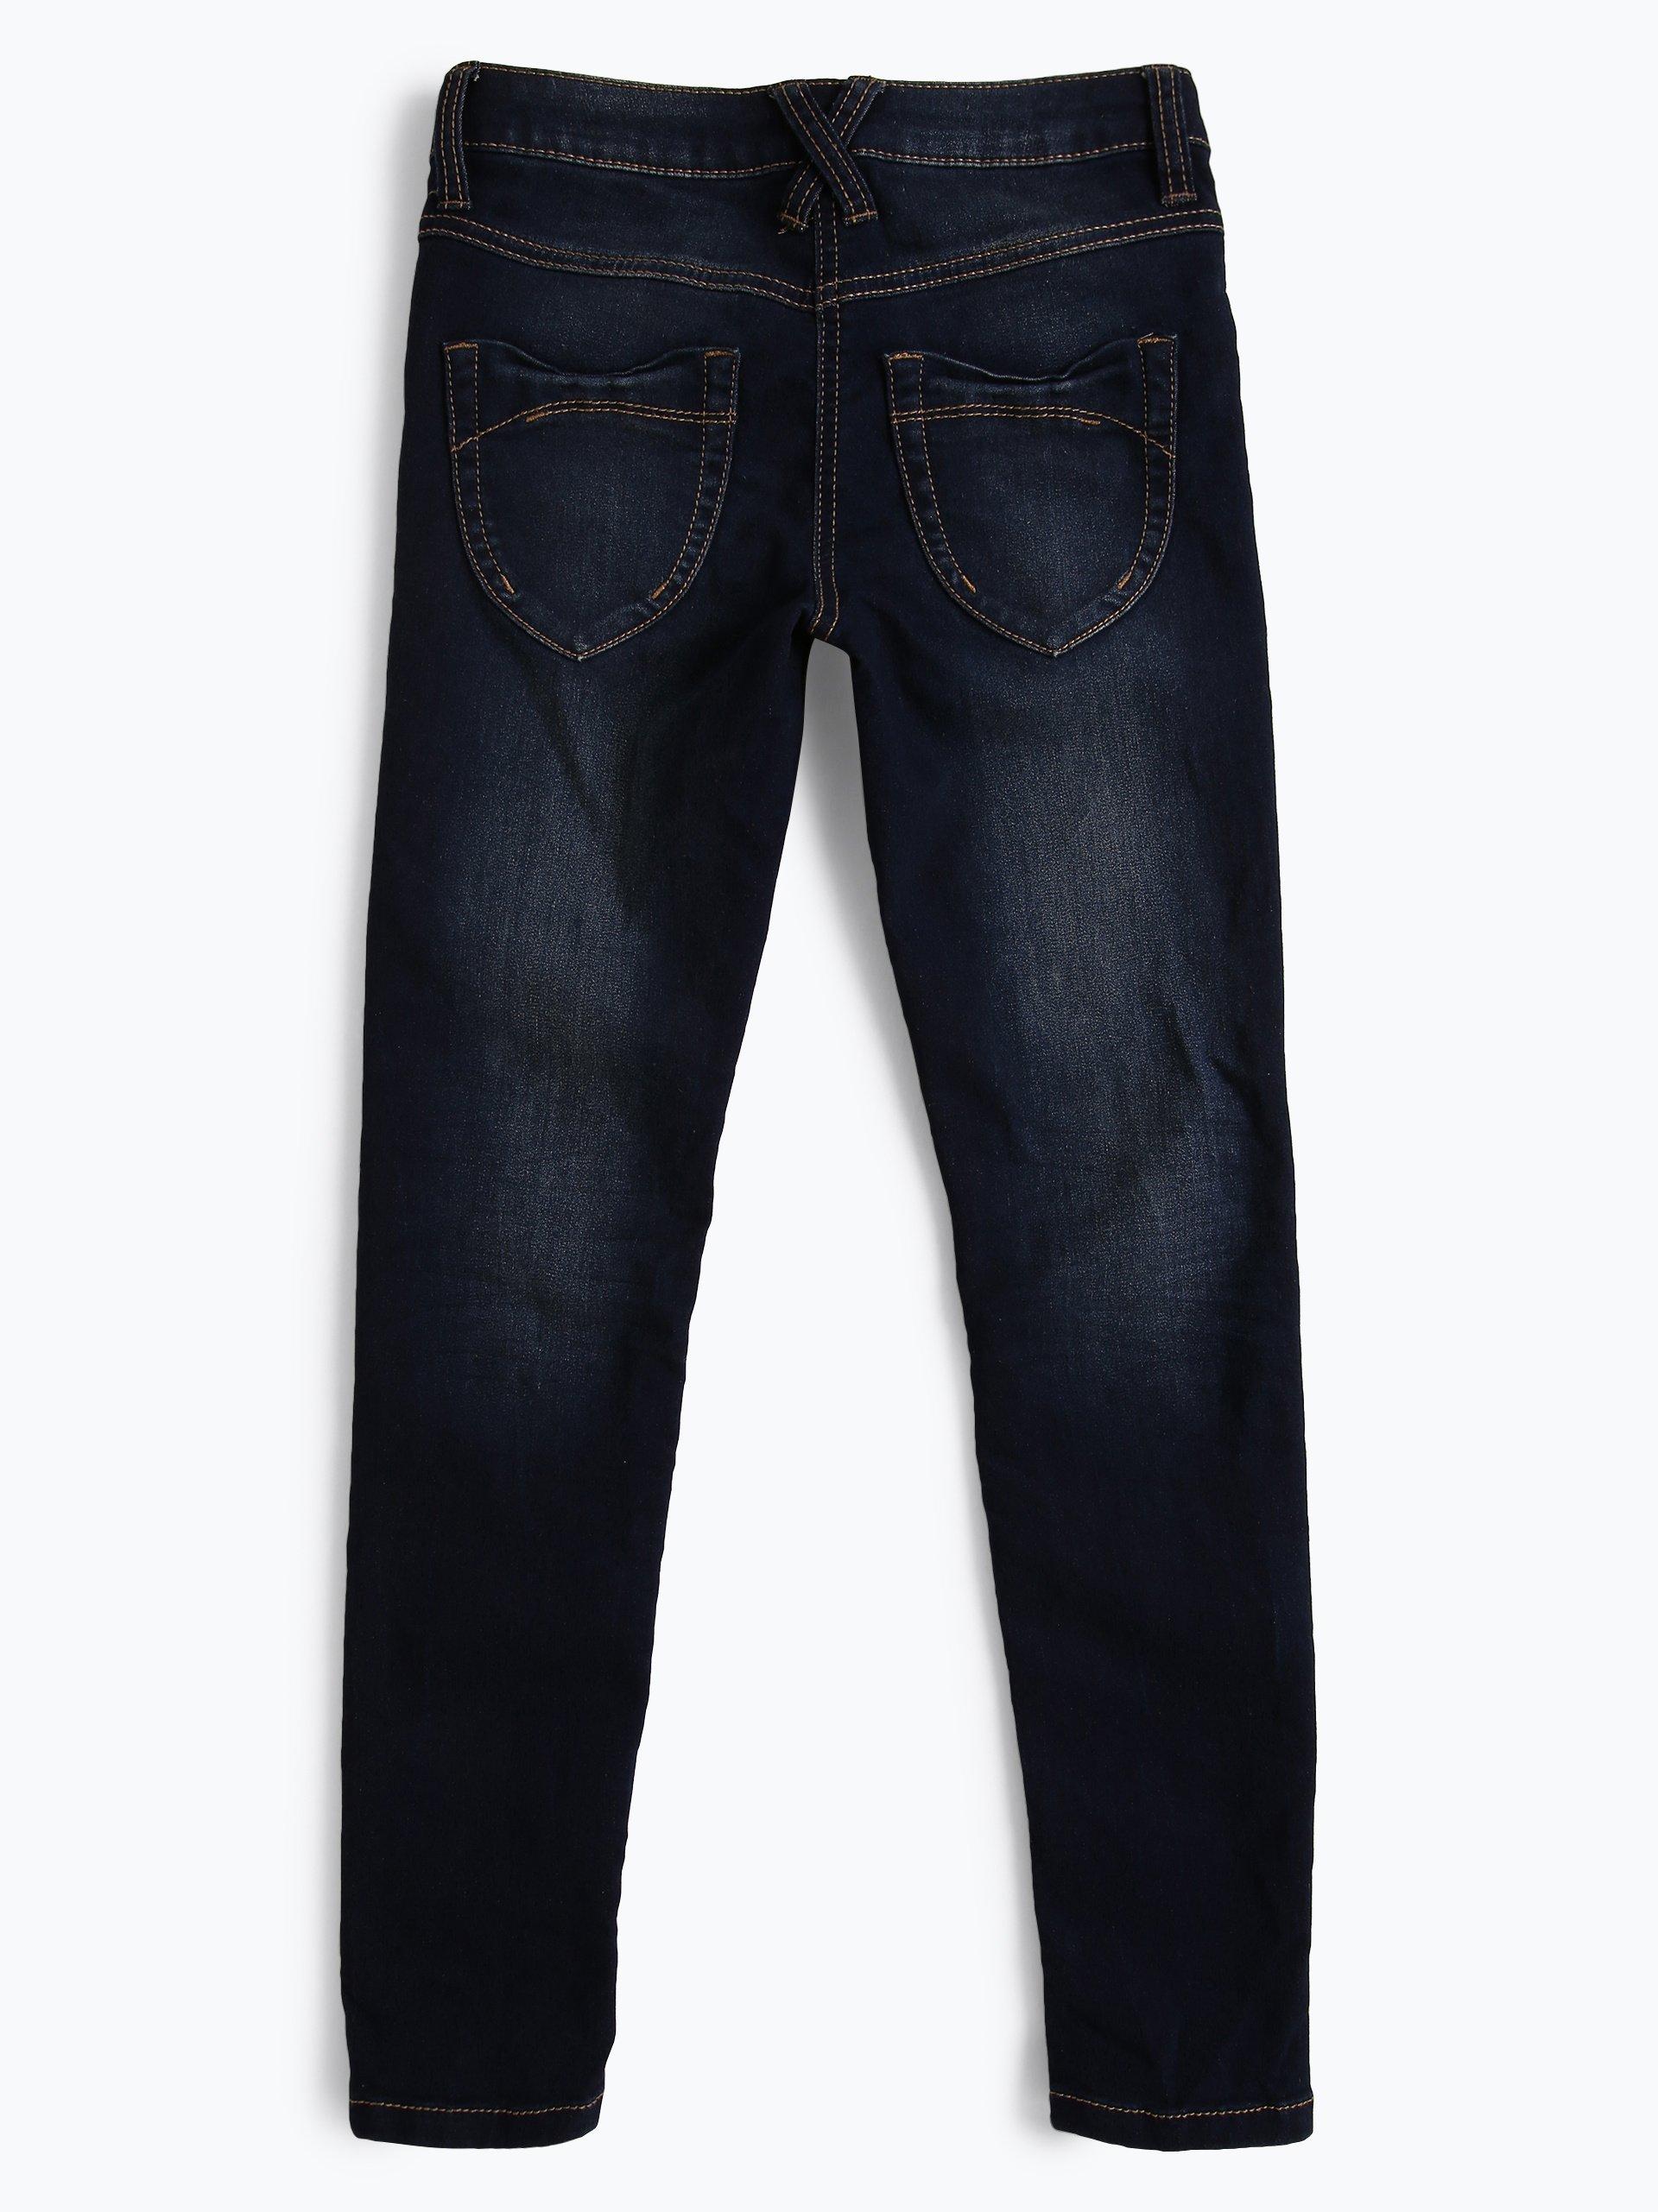 s.Oliver Casual Mädchen Jeans Slim Fit Regular - Skinny Suri